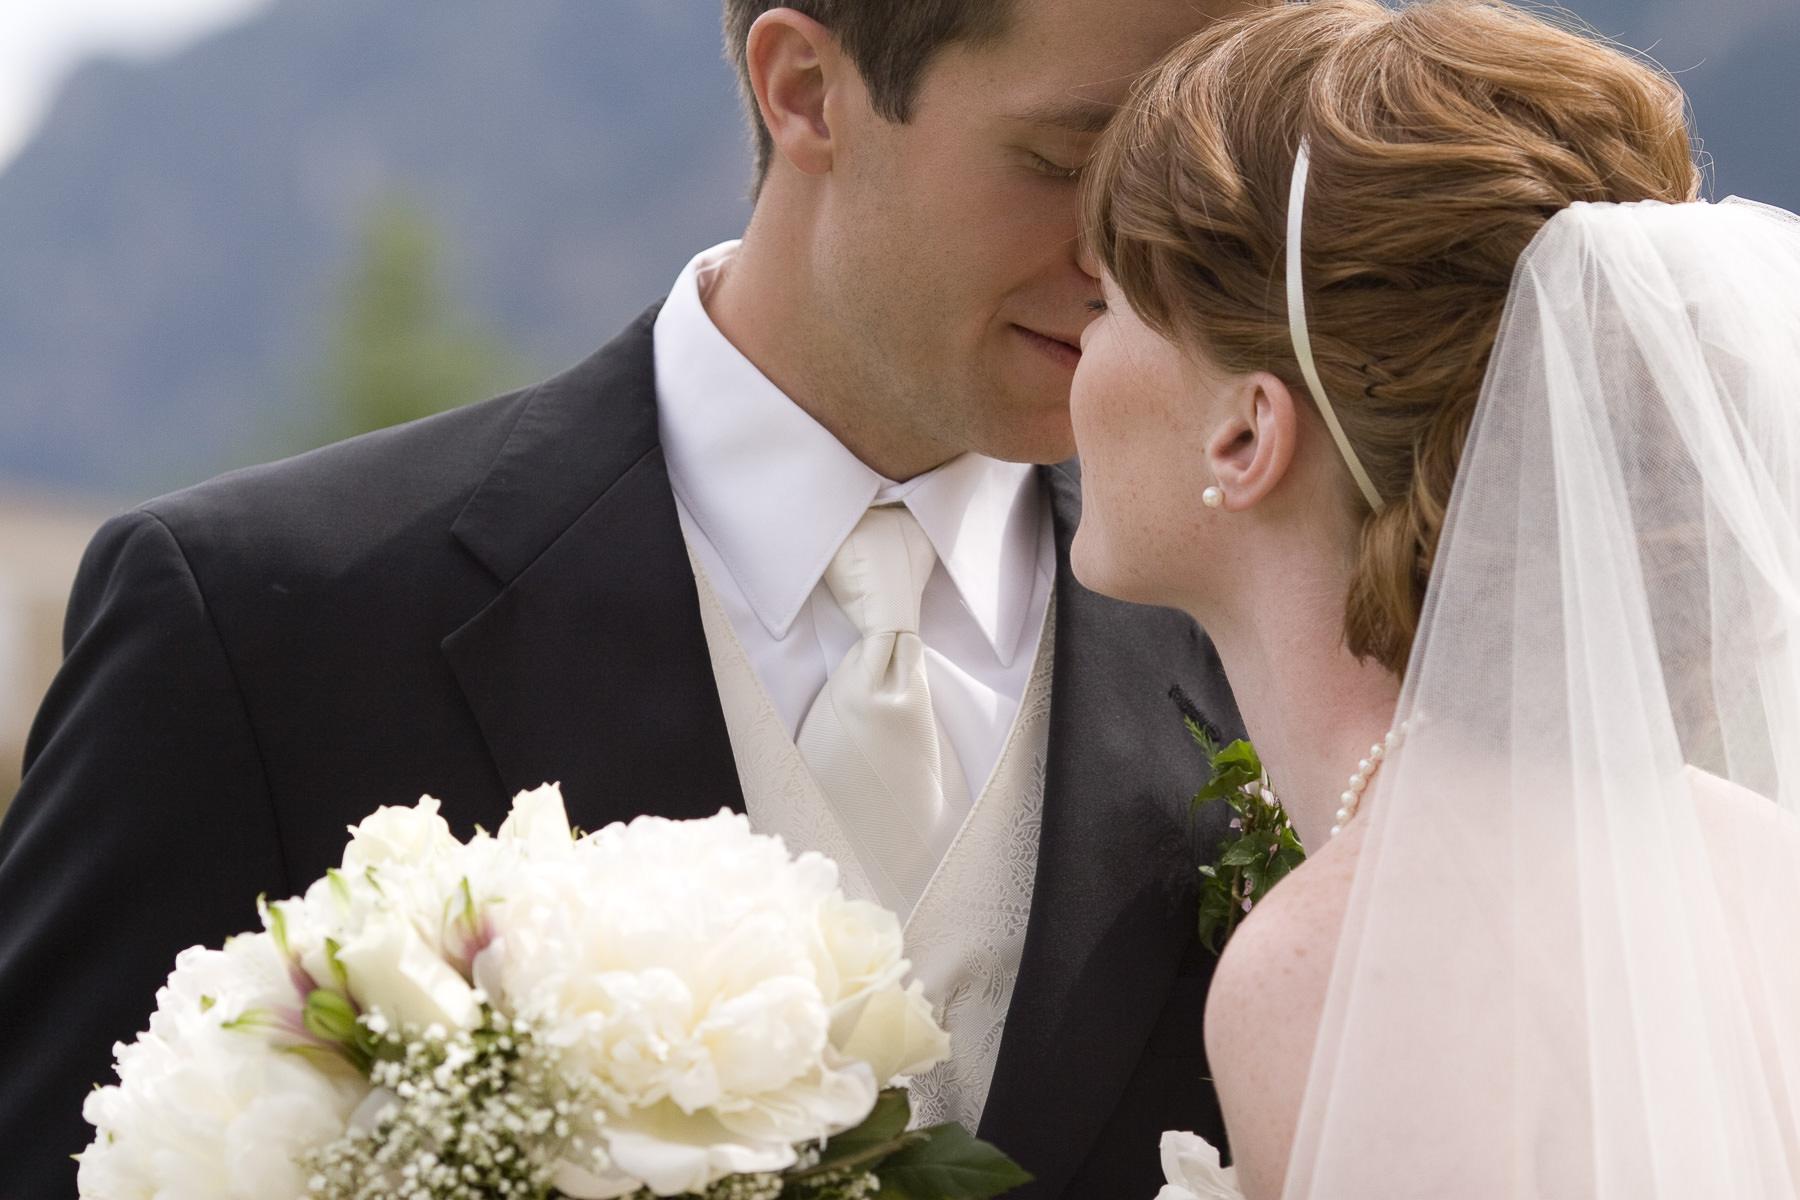 Colorado Springs School wedding